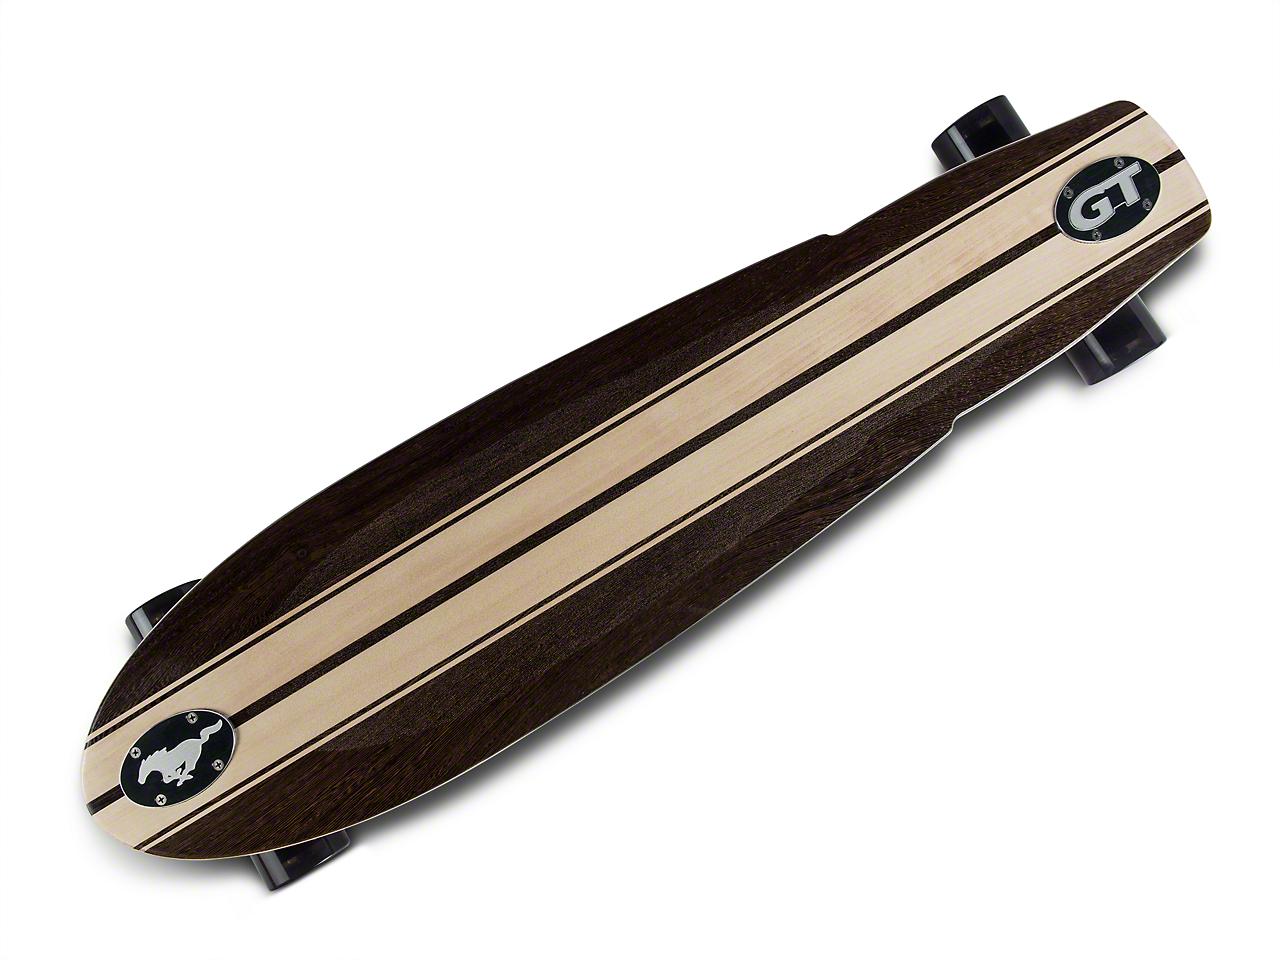 Braker Boards Mustang GT Surfer Style Longboard